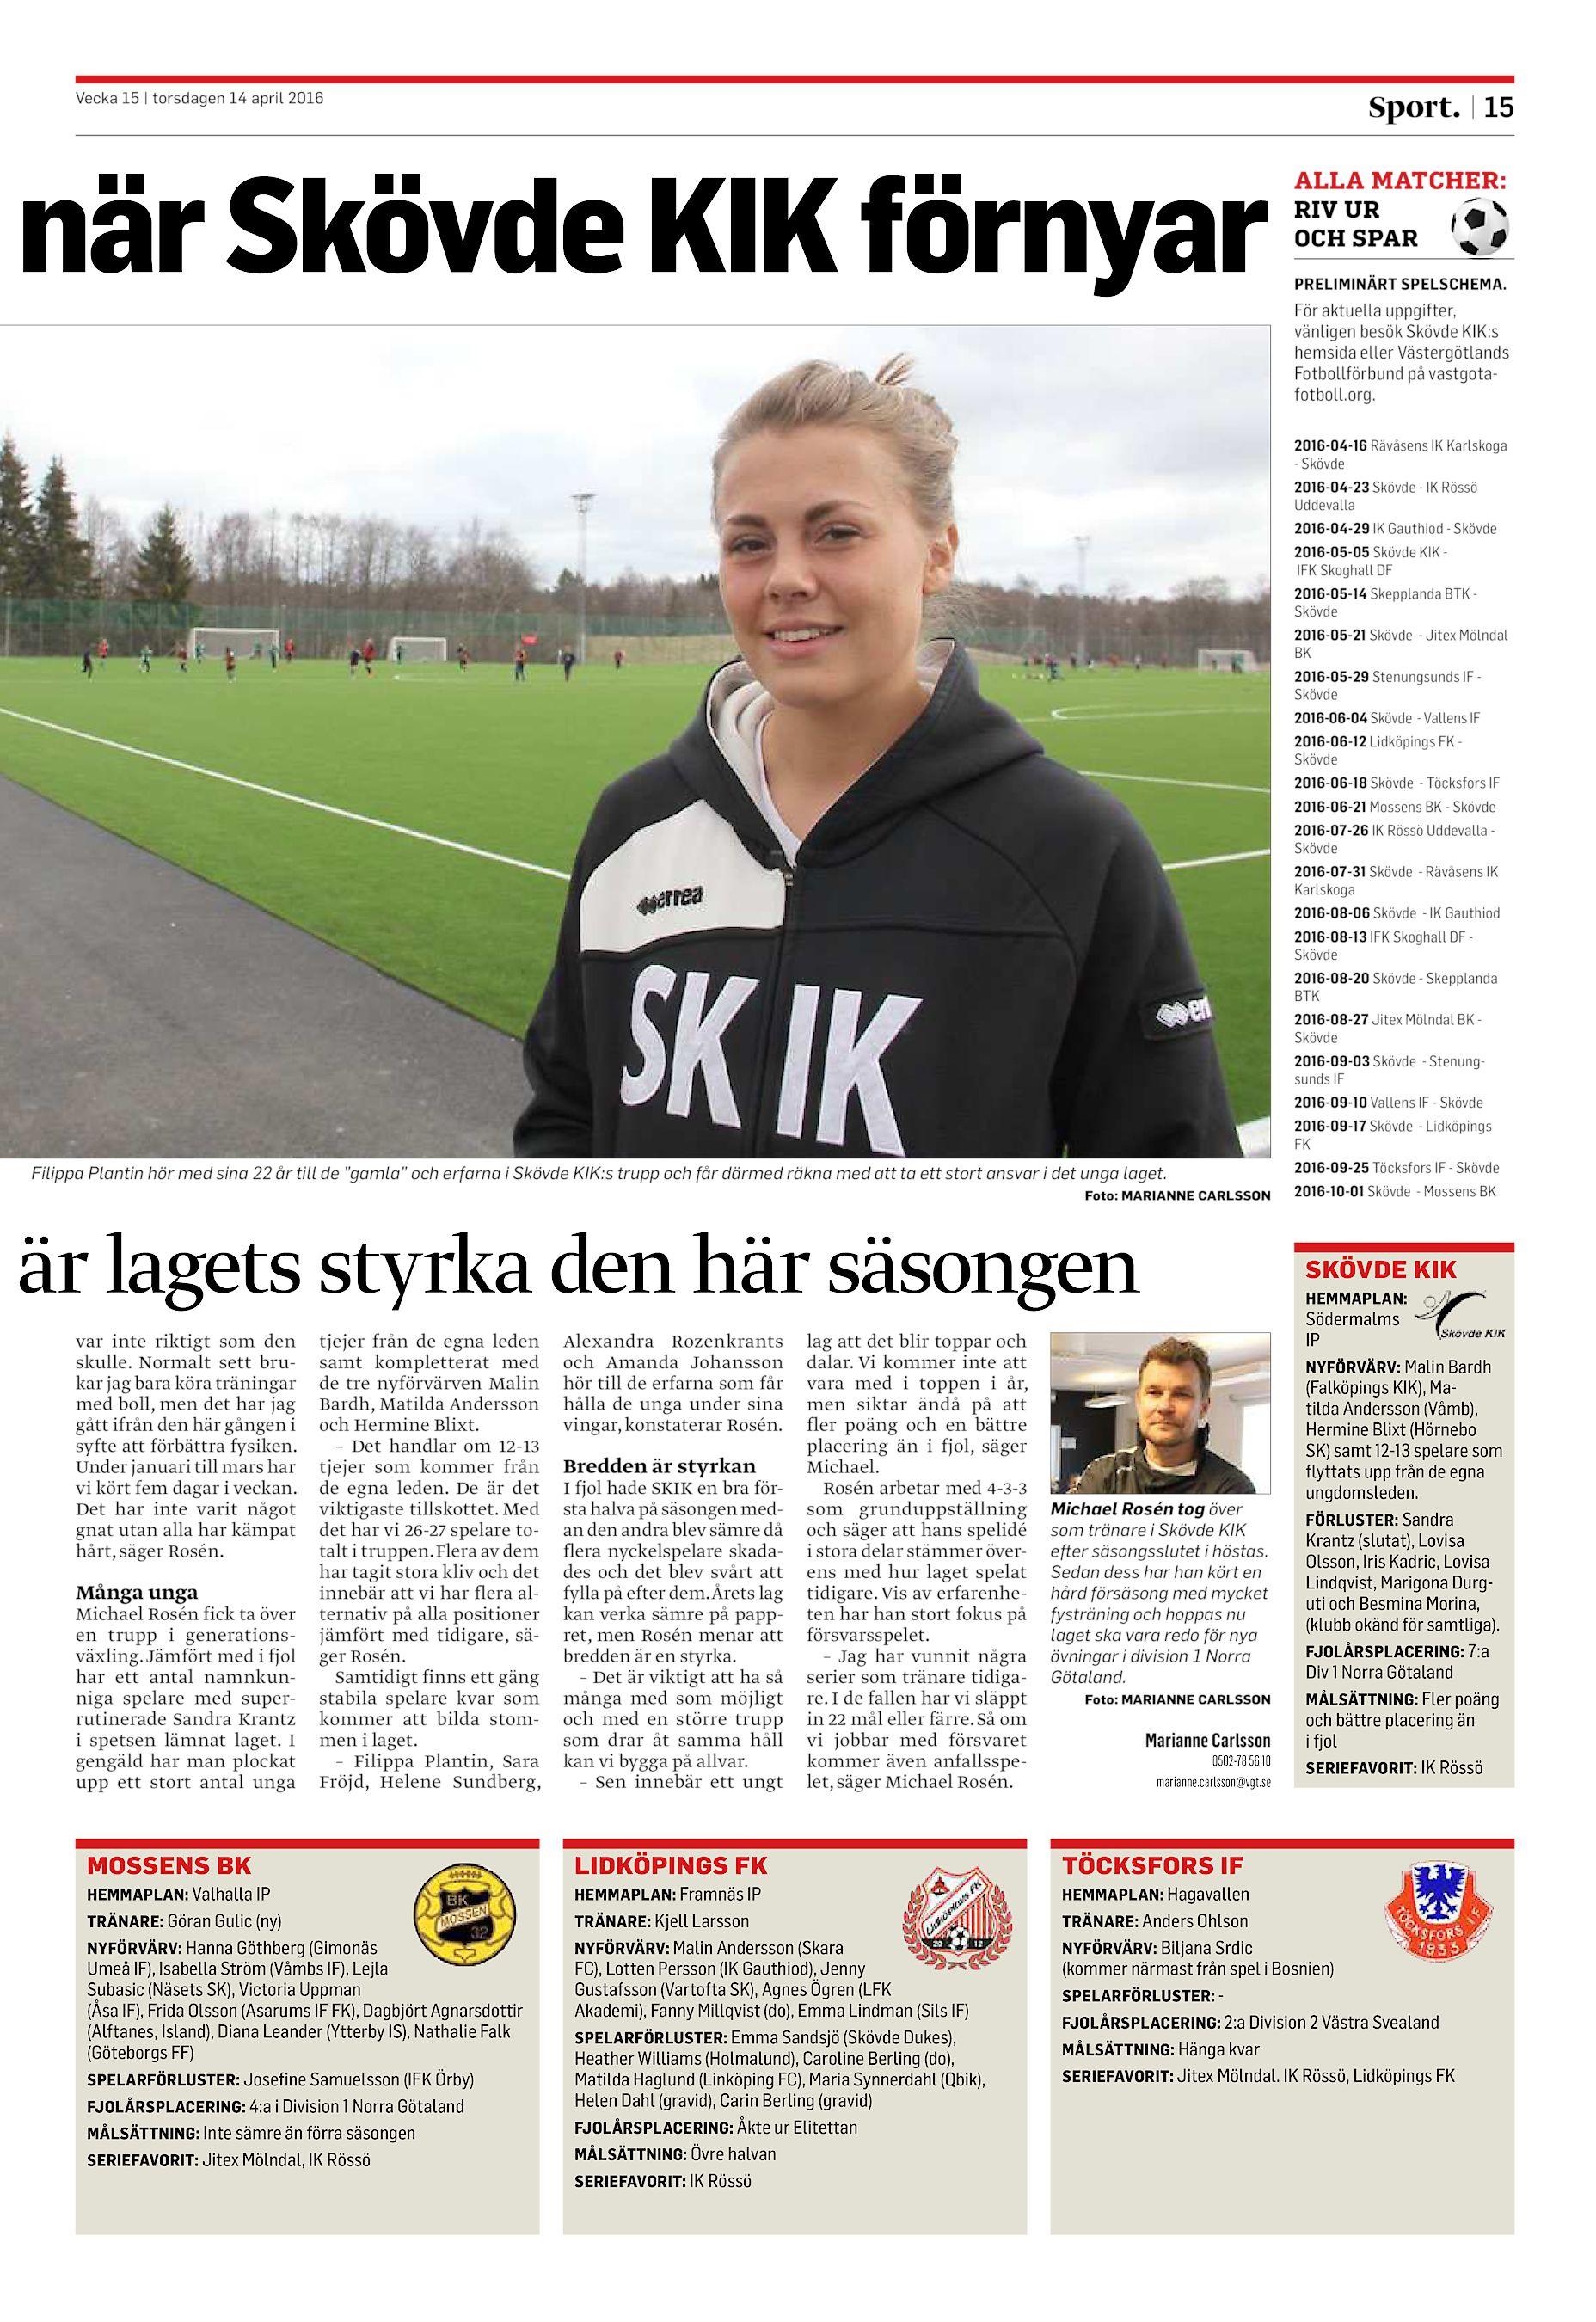 fa137f7a98c1 För aktuella uppgifter, vänligen besök Skövde KIK:s hemsida eller  Västergötlands Fotbollförbund på vastgotafotboll.org.